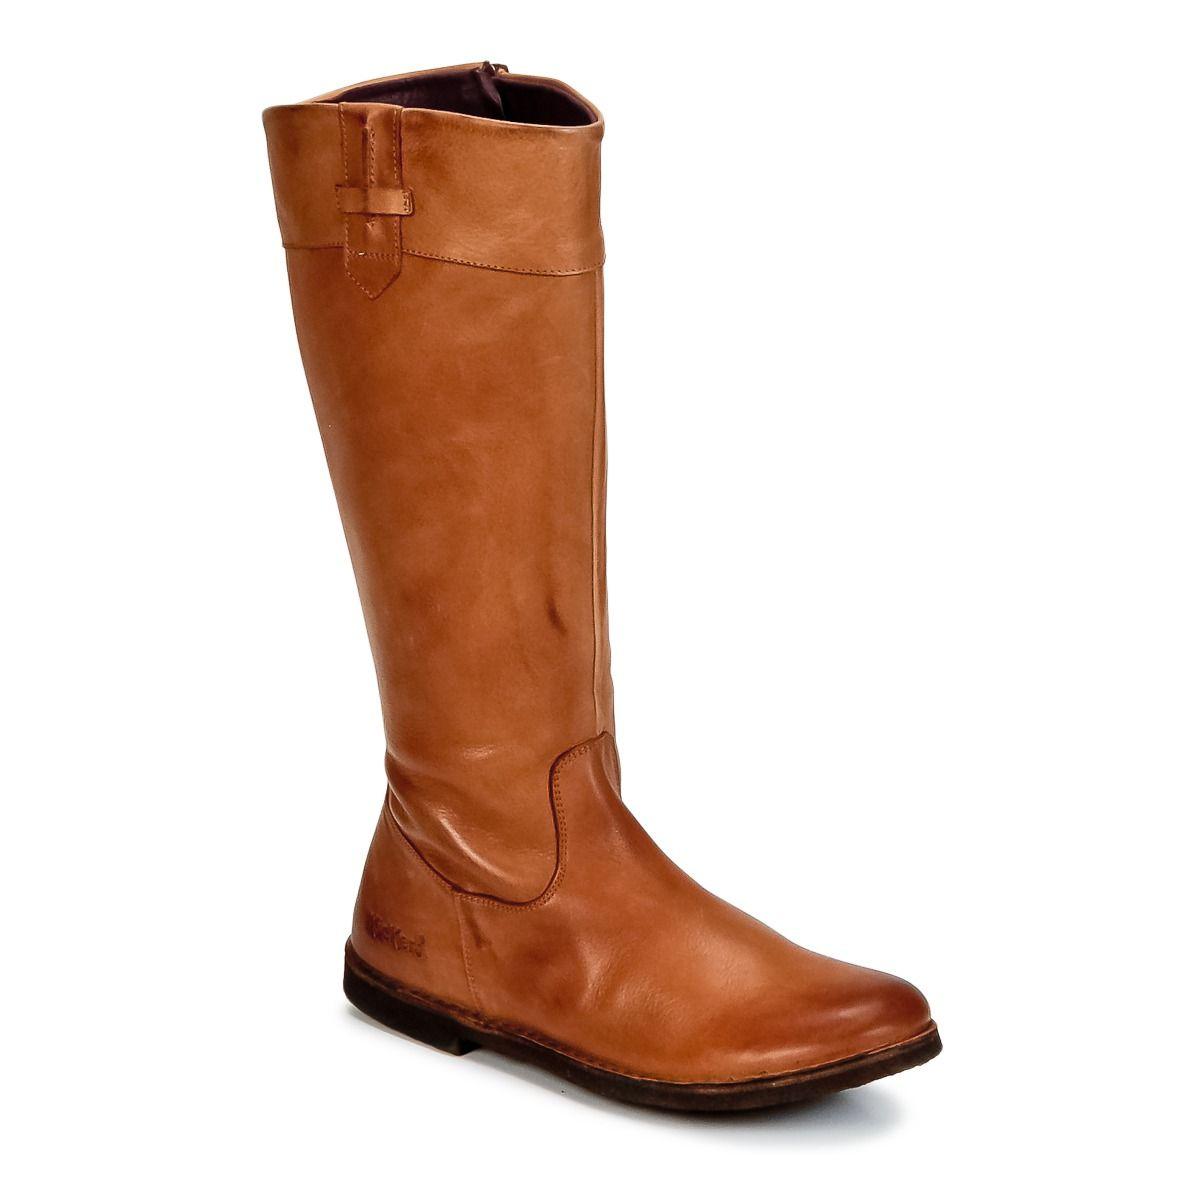 bottes de ville kickers cresus camel prix promo bottes femme